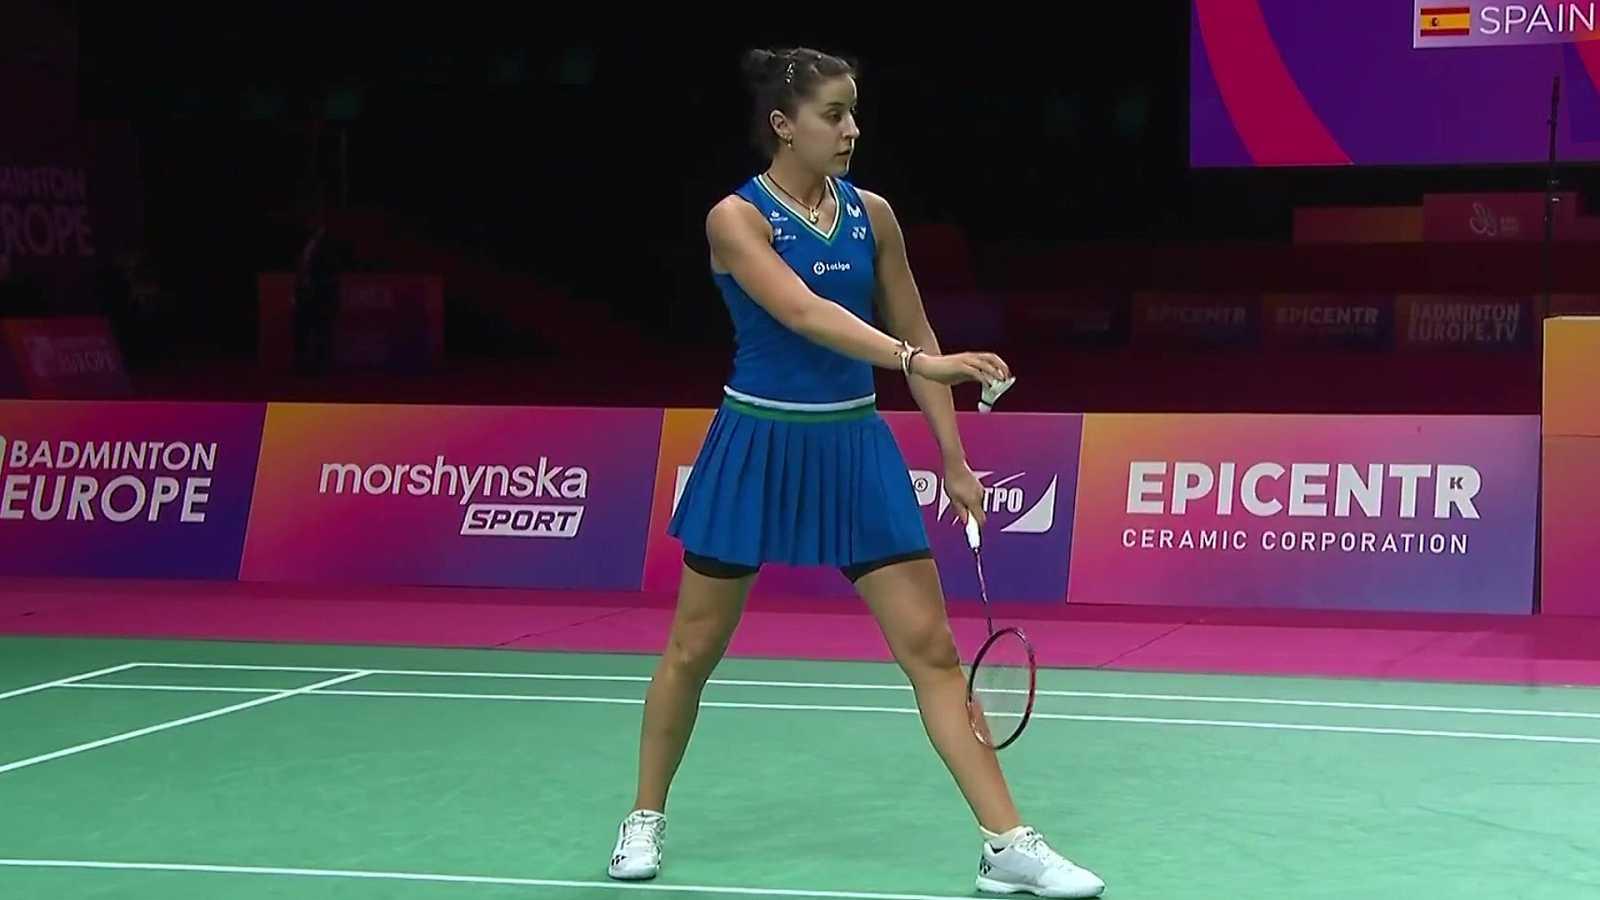 Bádminton - Campeonato de Europa. Final: Carolina Marín - Line Christophersen - ver ahora